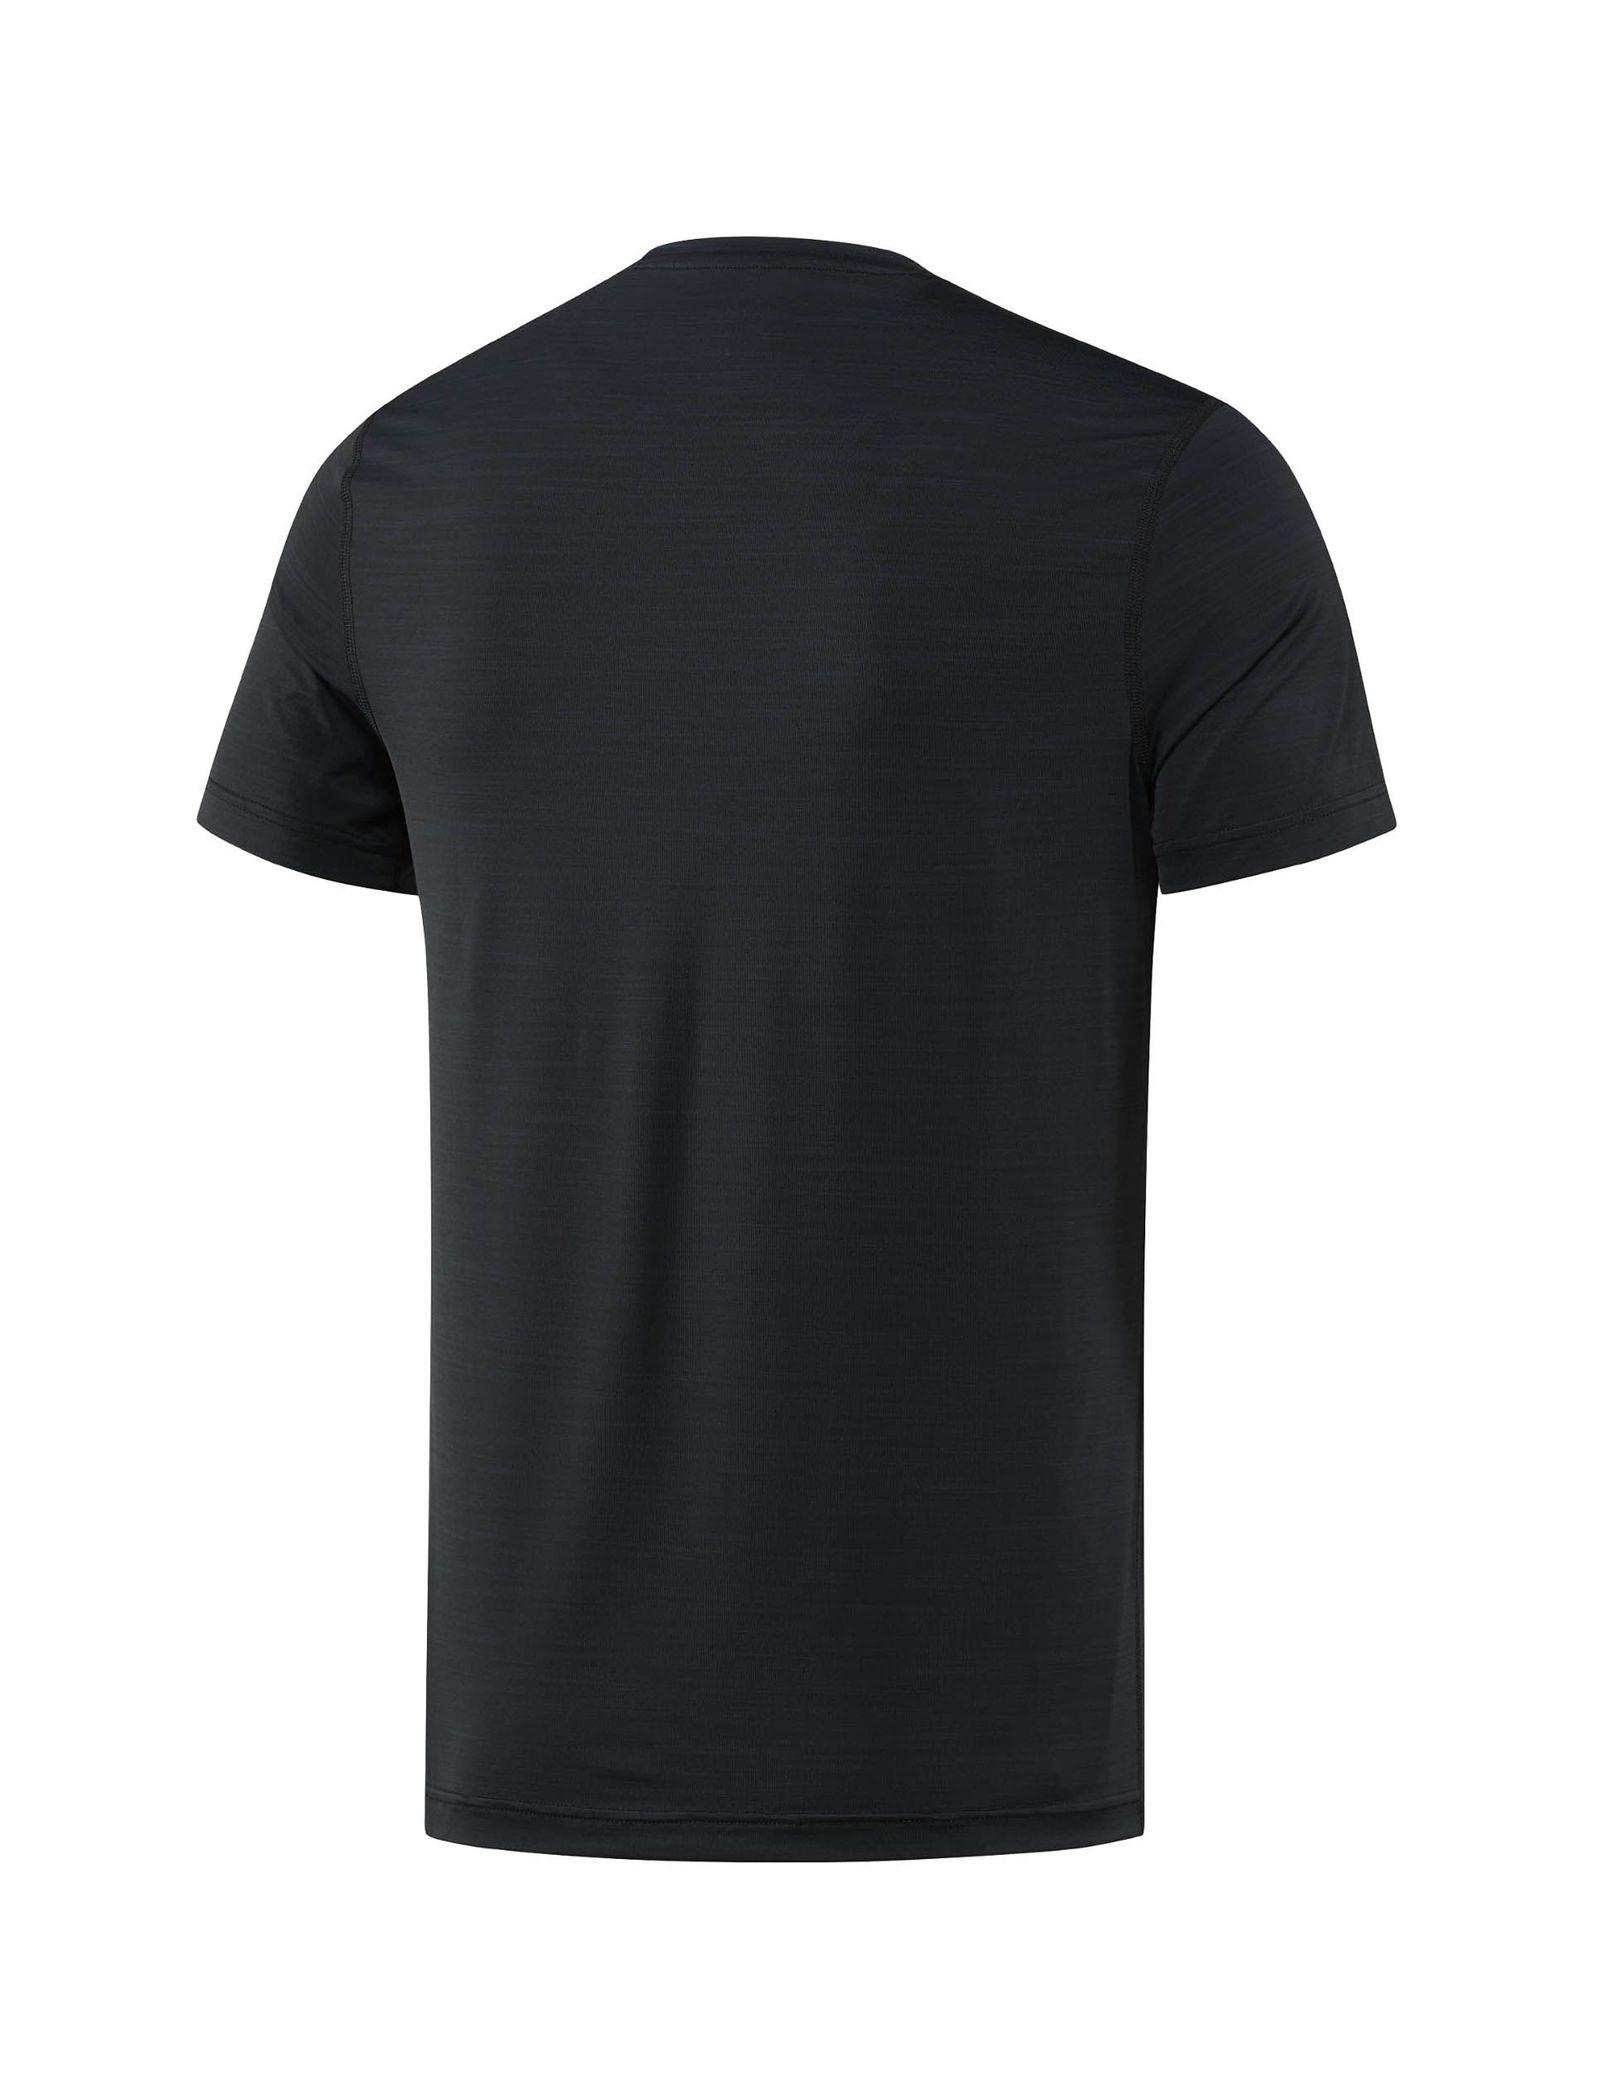 تی شرت ورزشی یقه گرد مردانه ACTIVCHILL - ریباک - مشکي - 2